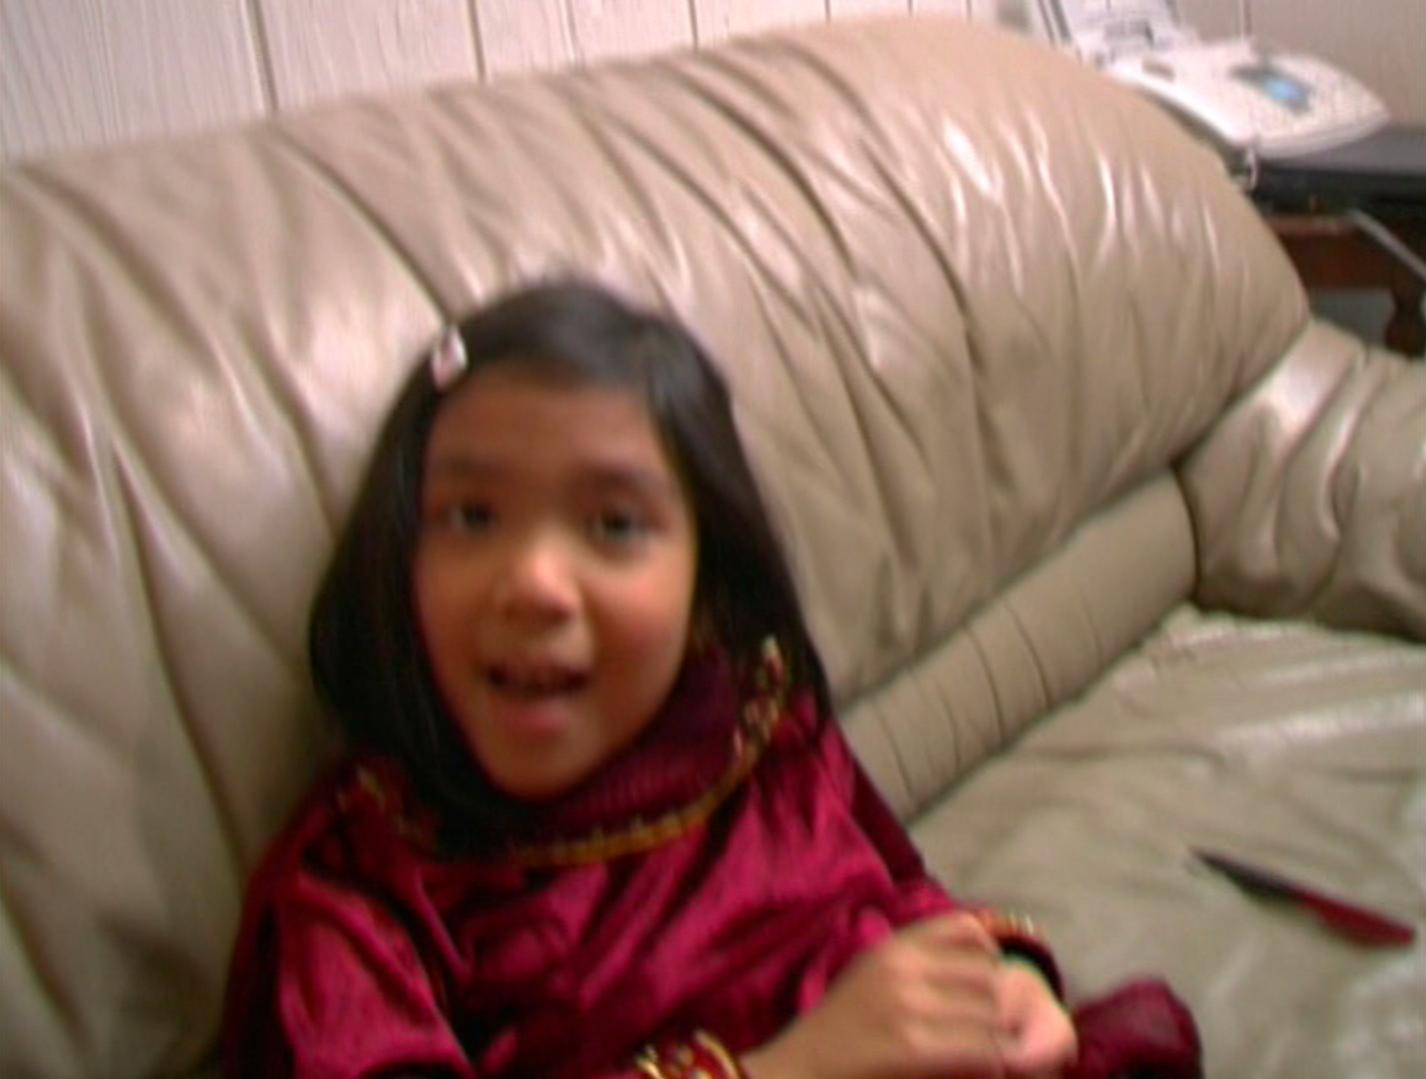 Farah's sister